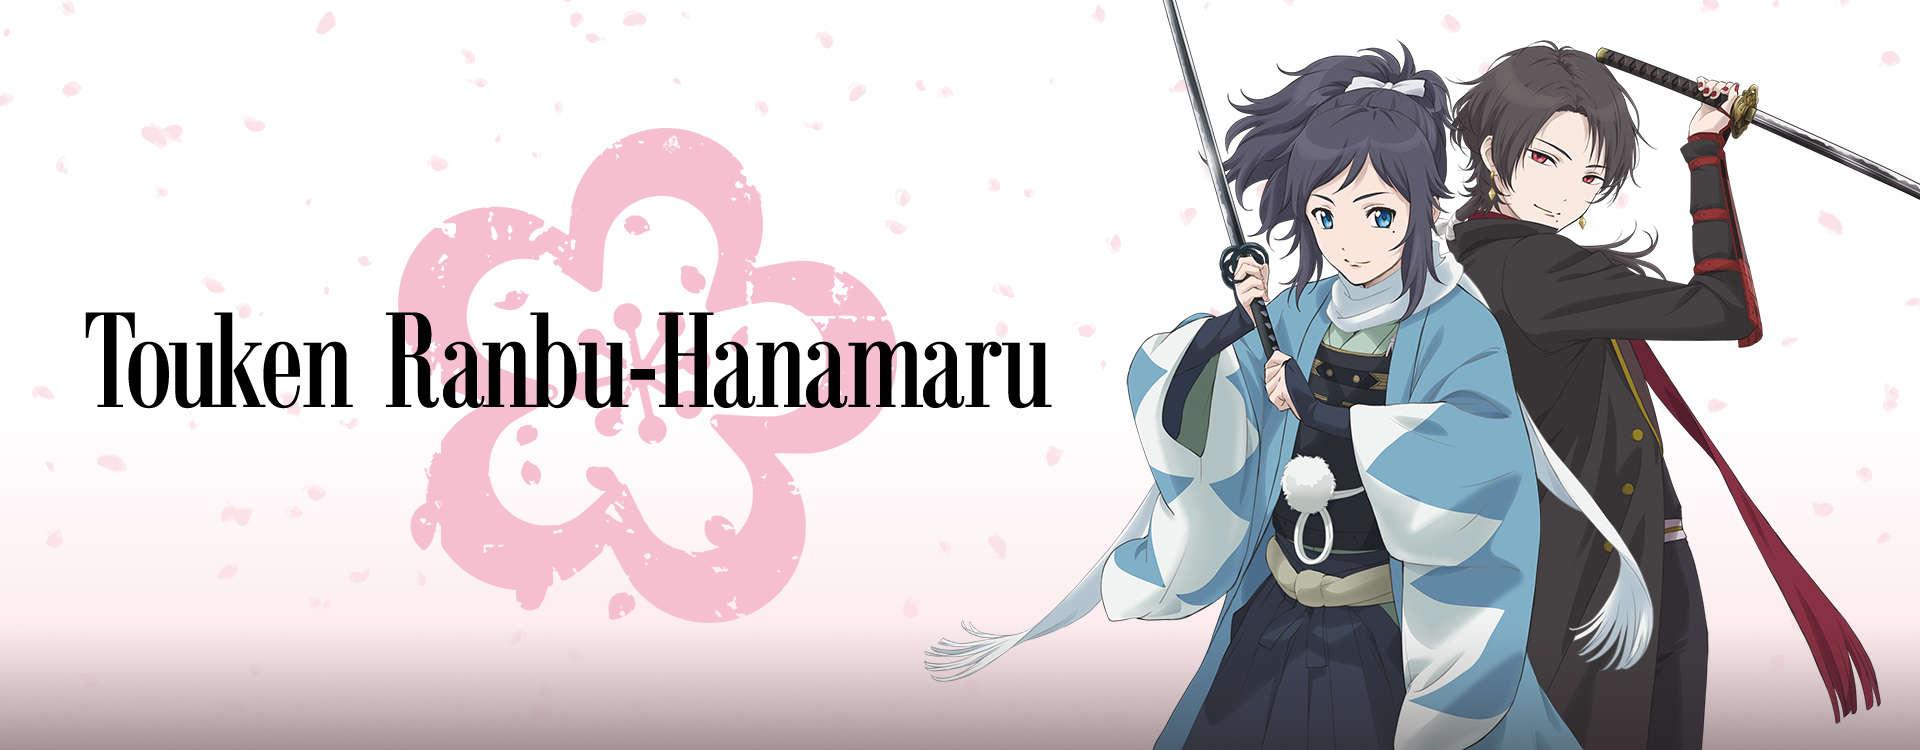 Touken Ranbu Hanamaru